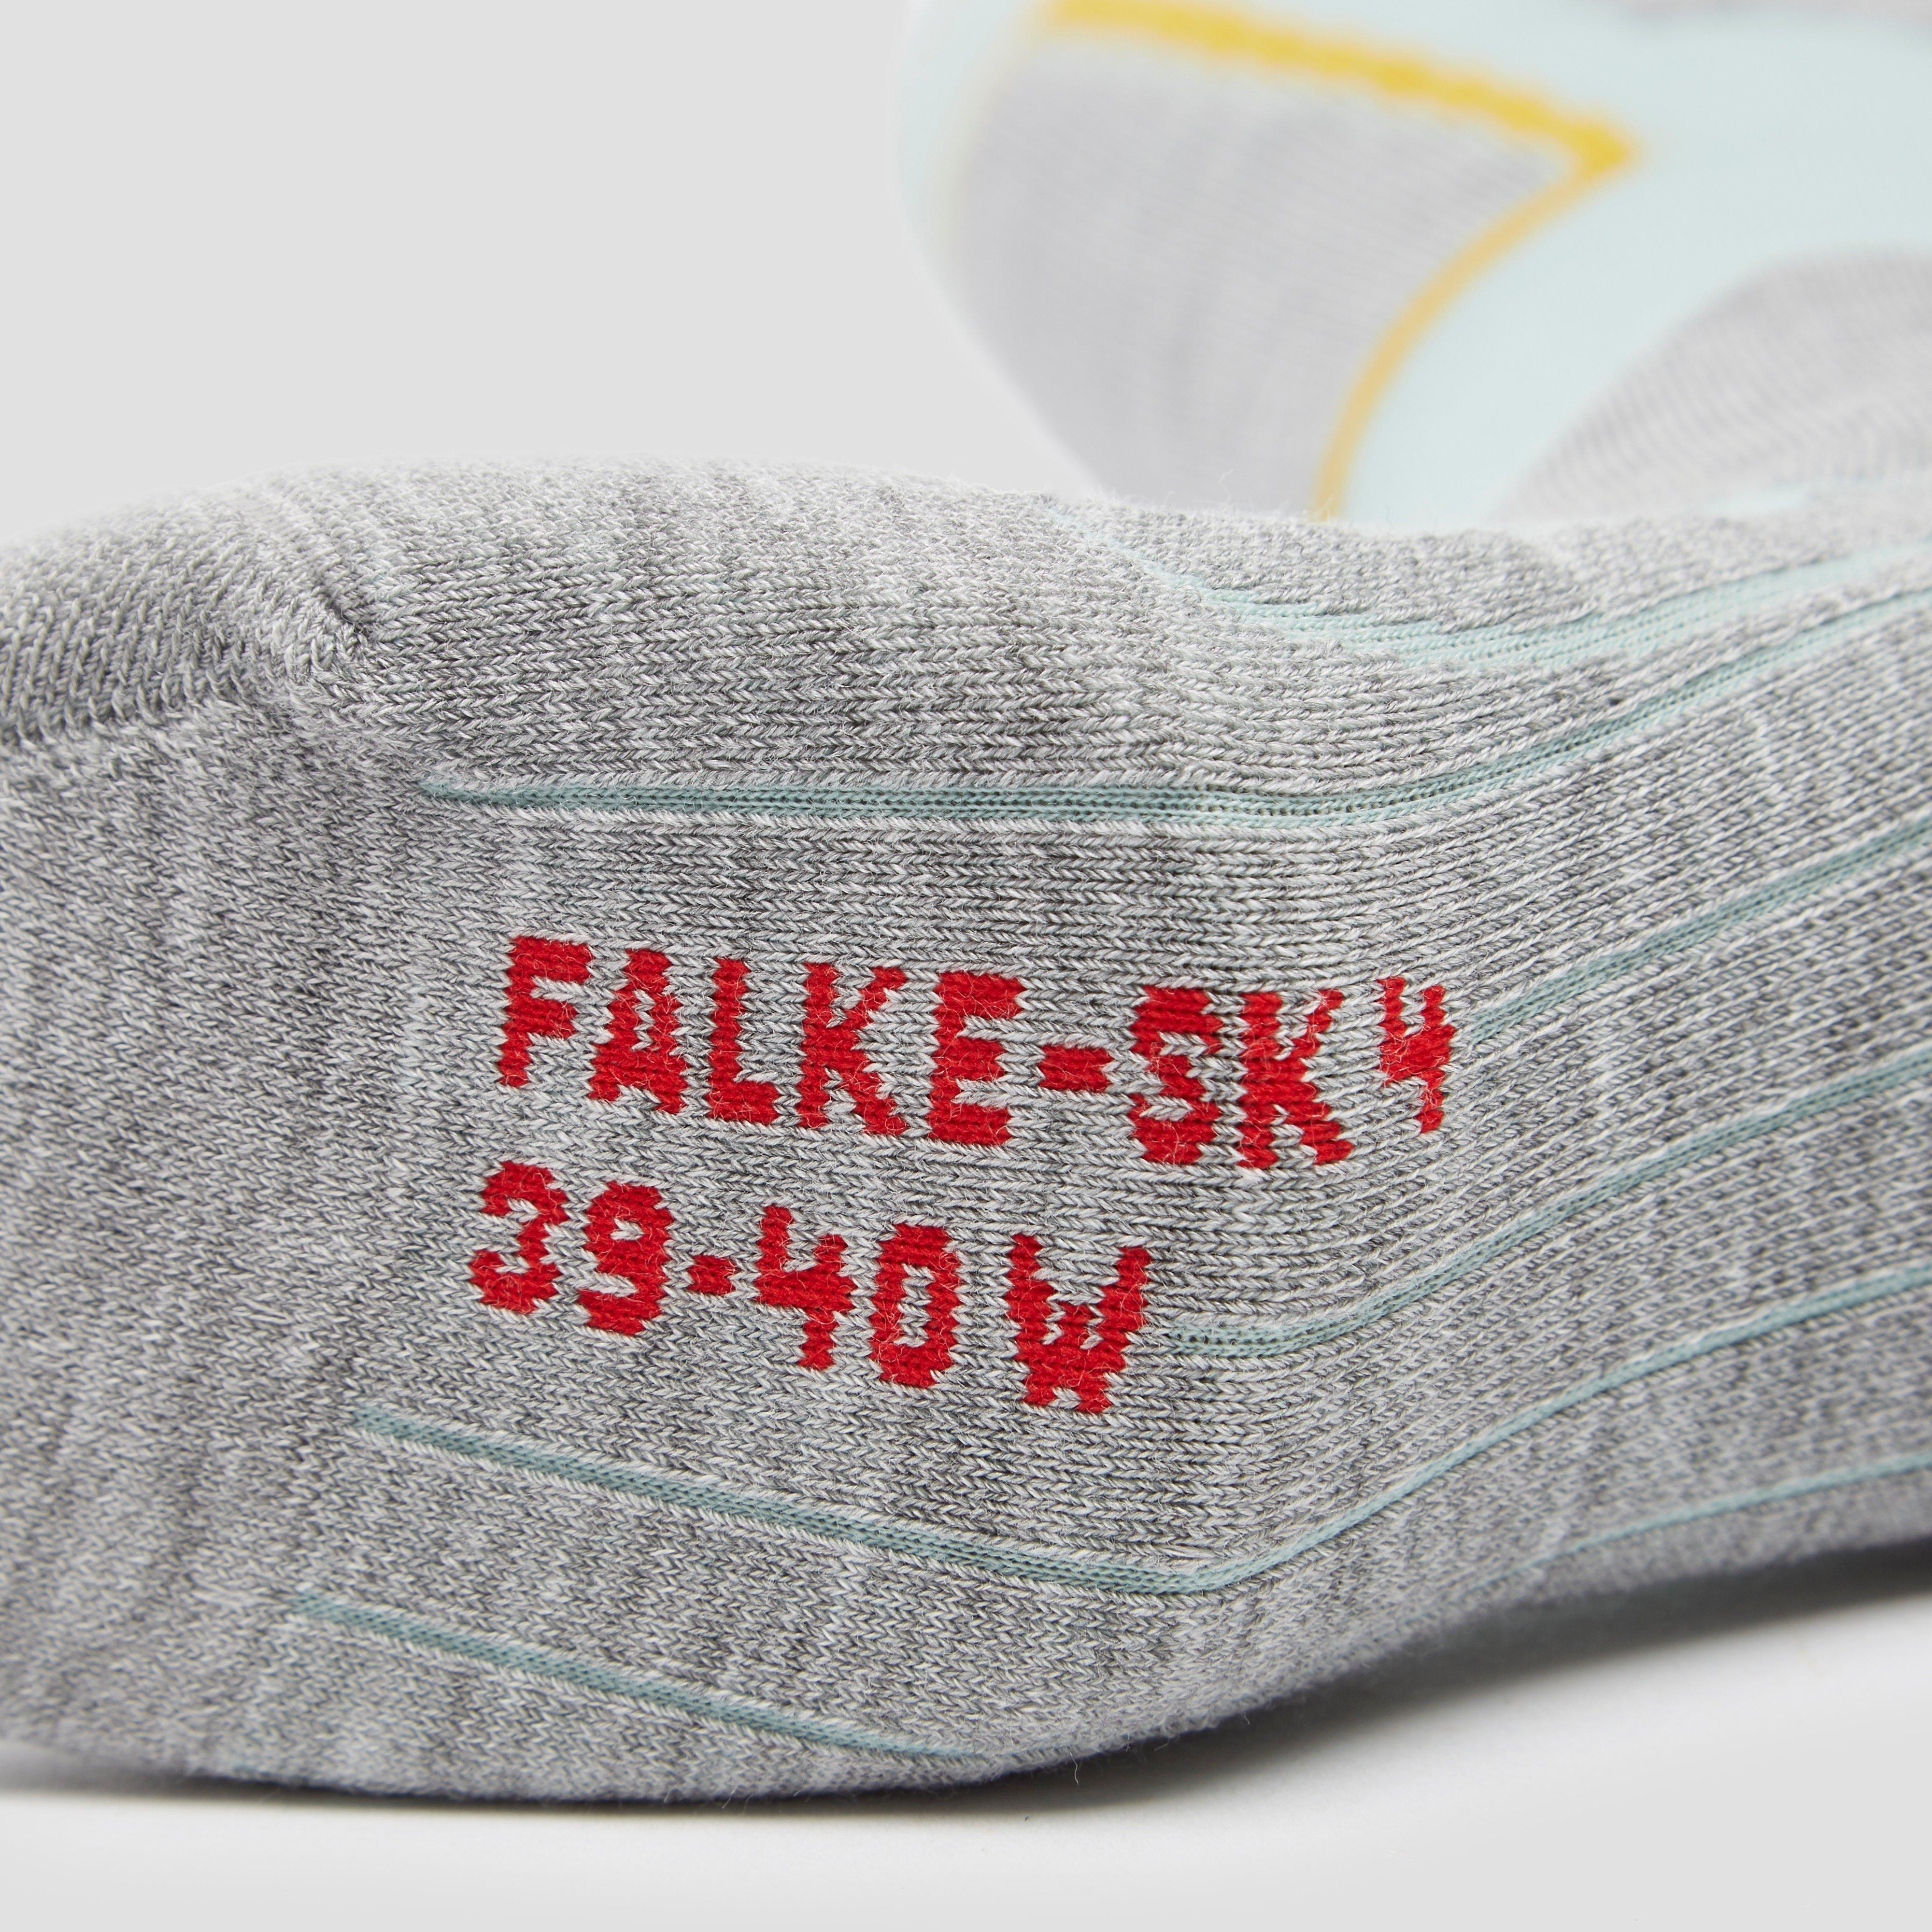 FALKE SK4 SKISOKKEN GROEN/GRIJS DAMES